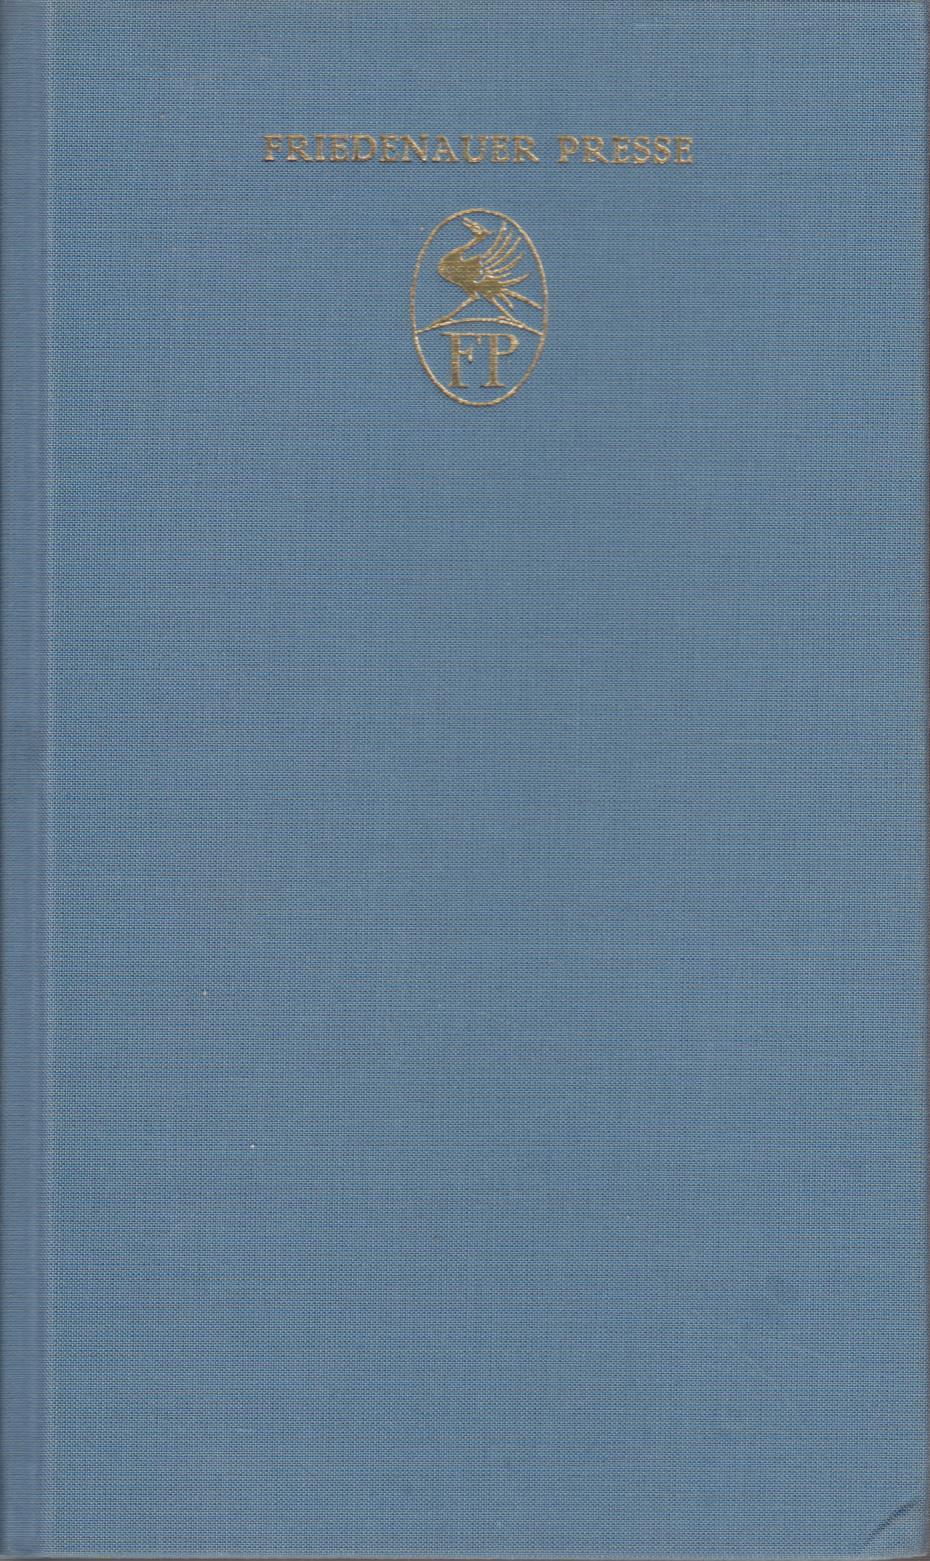 Briefwechsel : 1863 - 1880 / Gustave: Flaubert, Gustave, Ivan